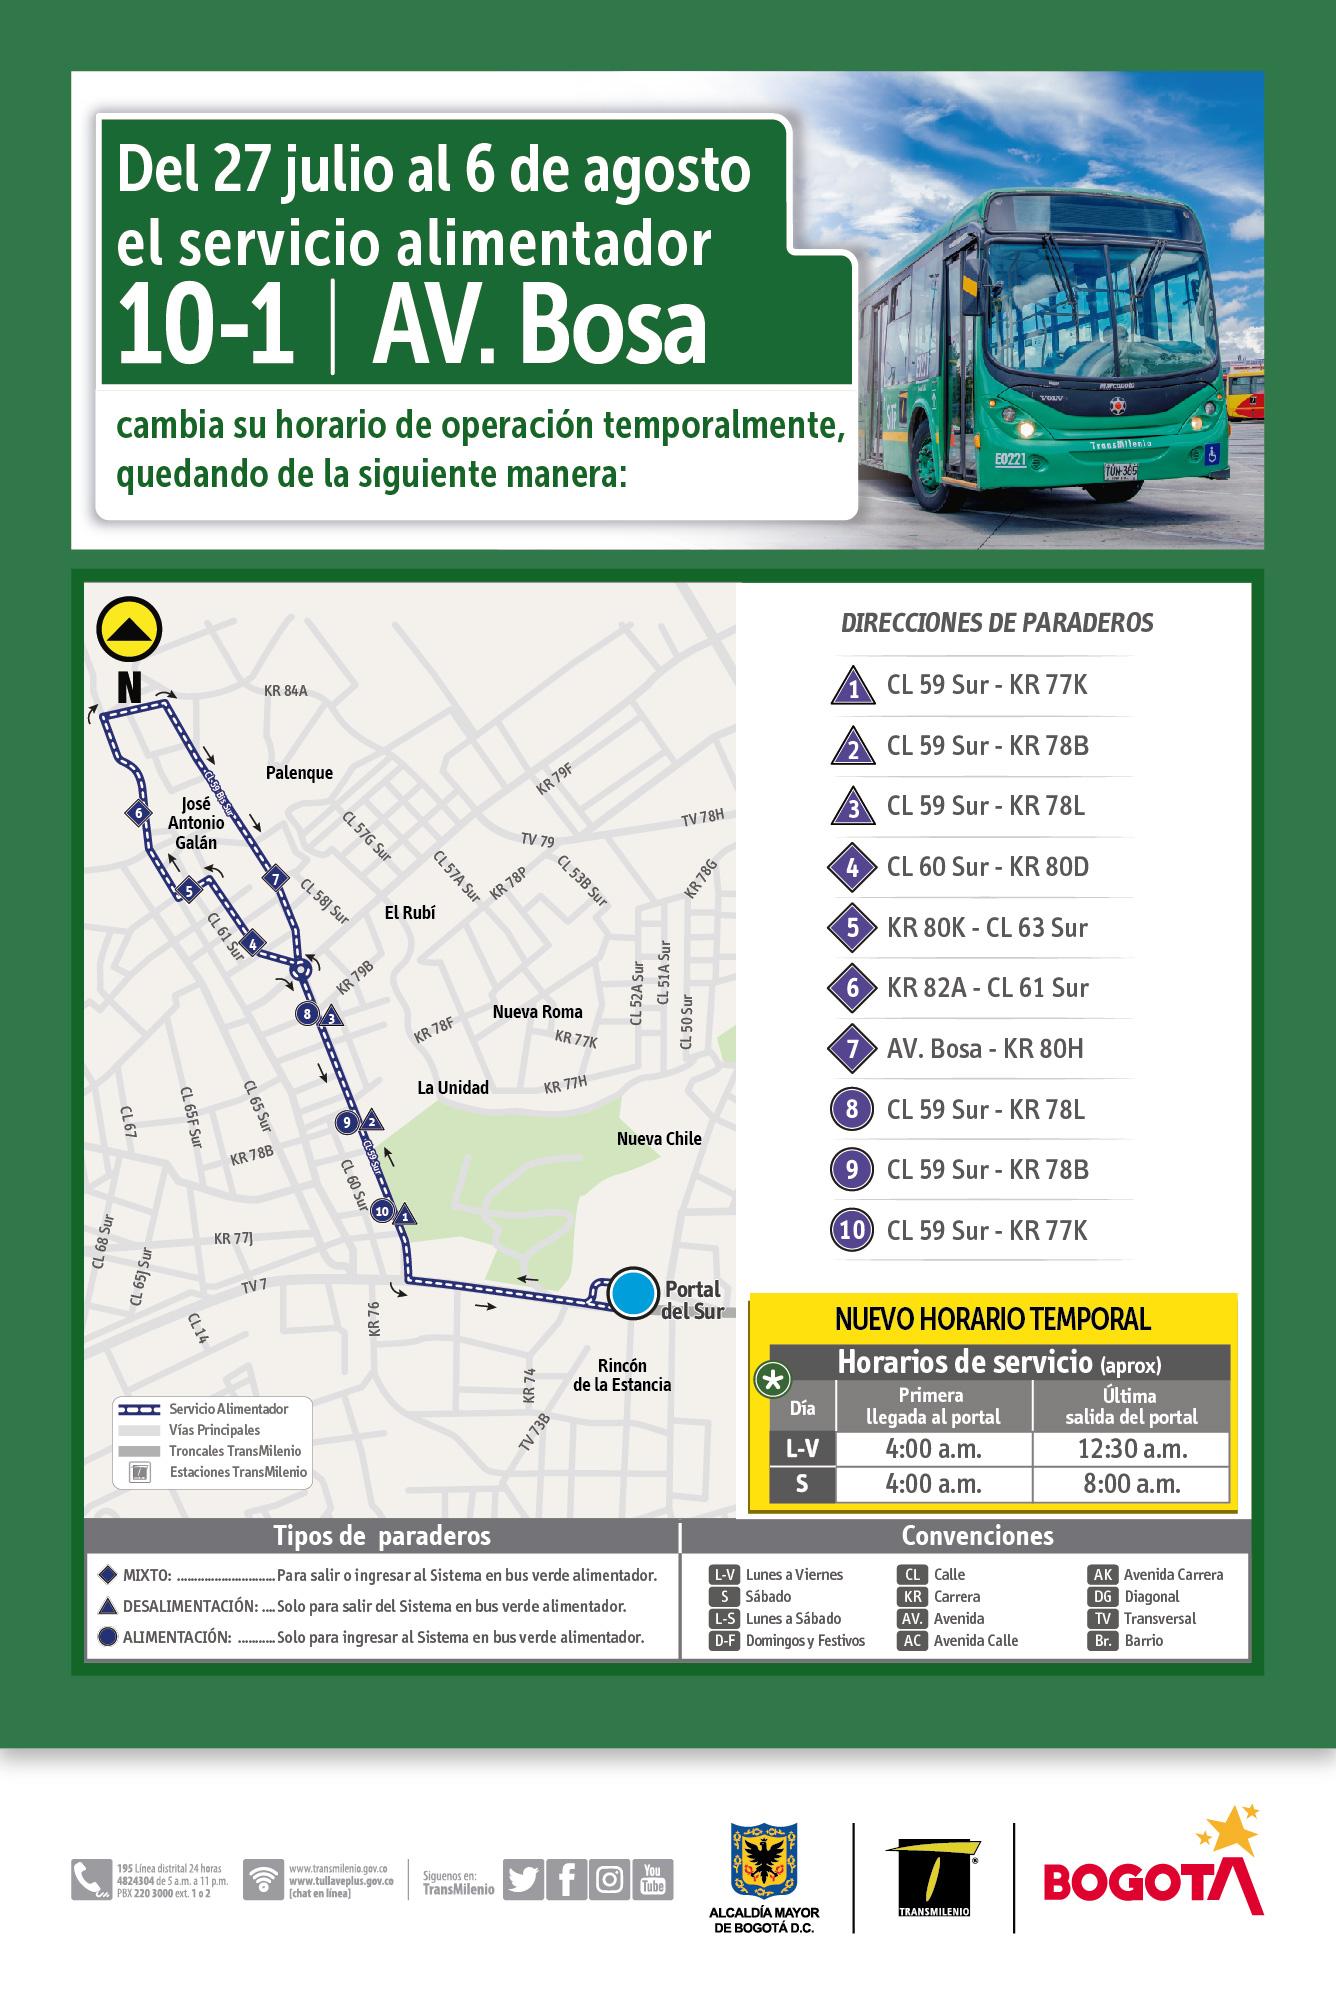 Mapa de la ruta 10-1 y el horario temporal de funcionamiento